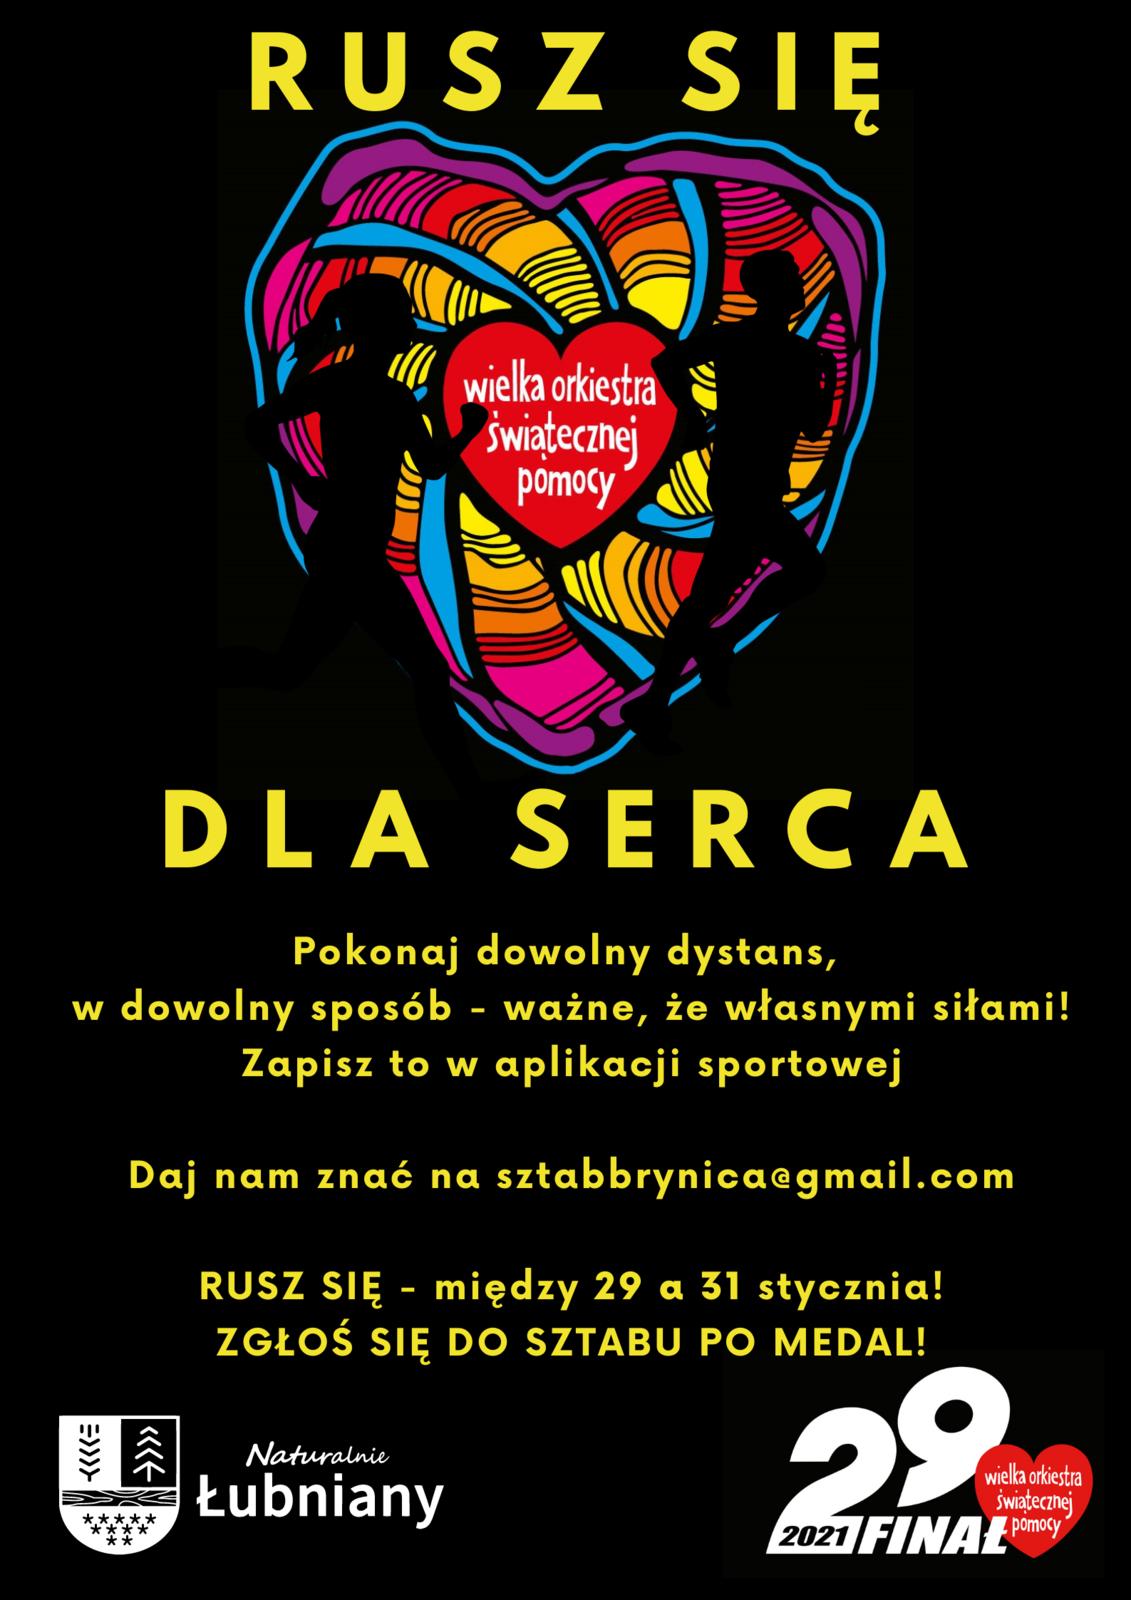 Na grafice plakat Rusz się dla Serca! Serce WOŚP na nim sylwetki biegnących postaci. Pod spodem treść: Pokonaj dowolny dystans,  w dowolny sposób - ważne, że własnymi siłami! Zapisz to w aplikacji sportowej  Daj nam znać na sztabbrynica@gmail.com  RUSZ SIĘ - między 29 a 31 stycznia! ZGŁOŚ SIĘ DO SZTABU PO MEDAL! Po lewej - logo Gminy Łubniany, po prawej - logotyp 29. Finału WOŚP